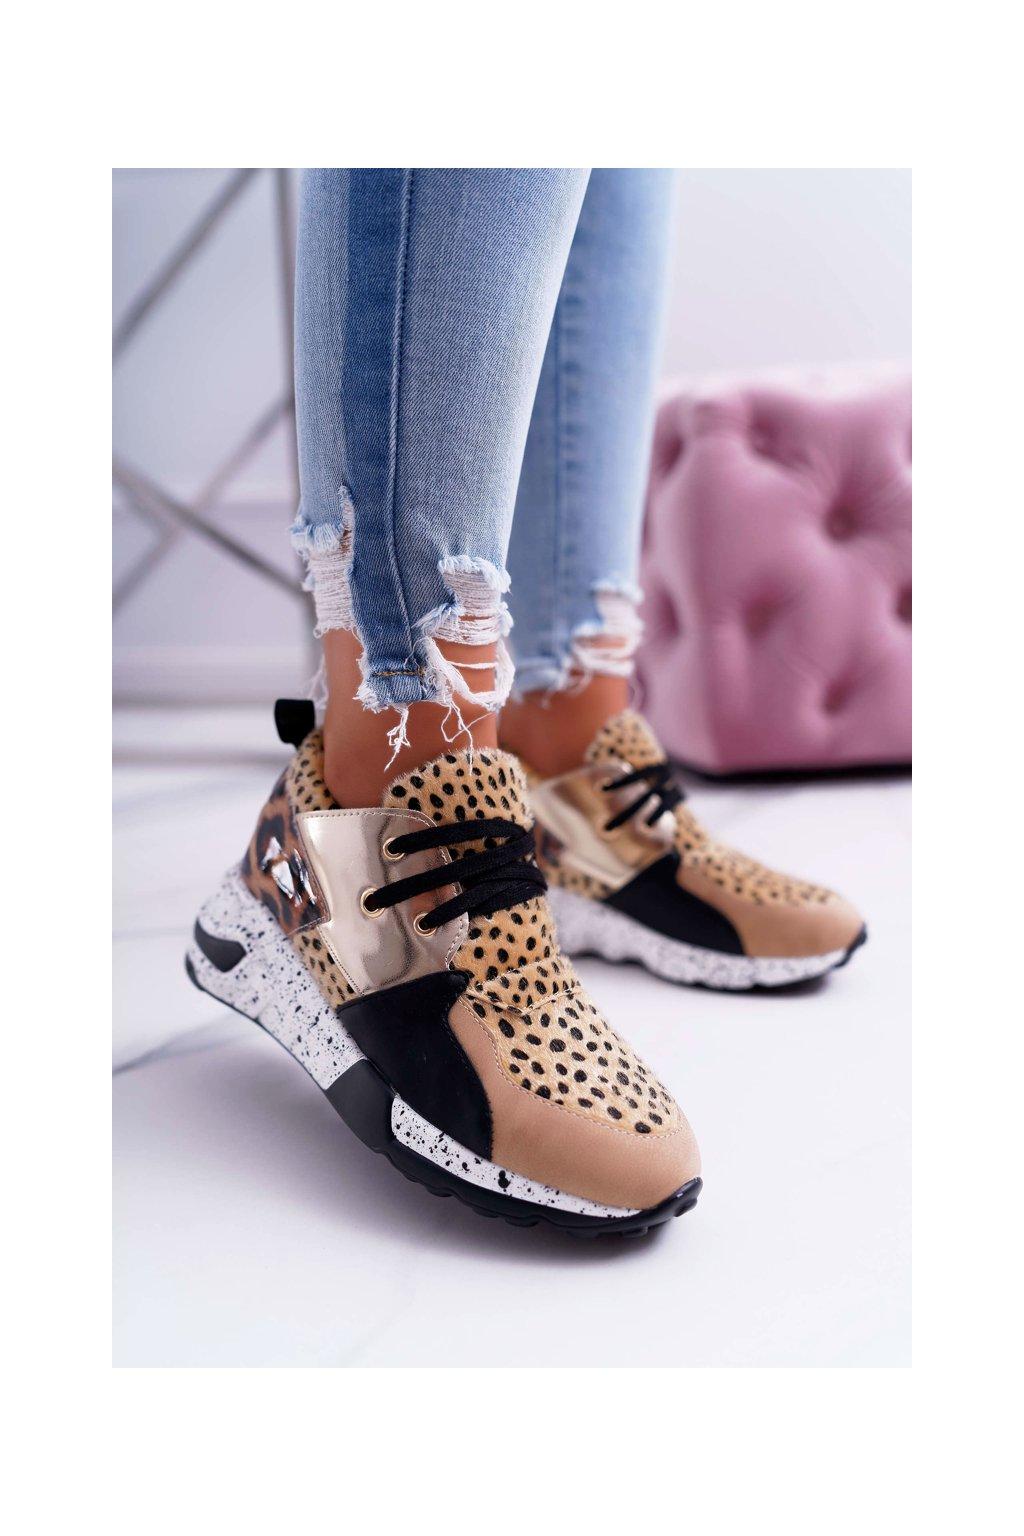 Dámska športová obuv Lu Boo s hrubou Podrážkou Leopard Malibu